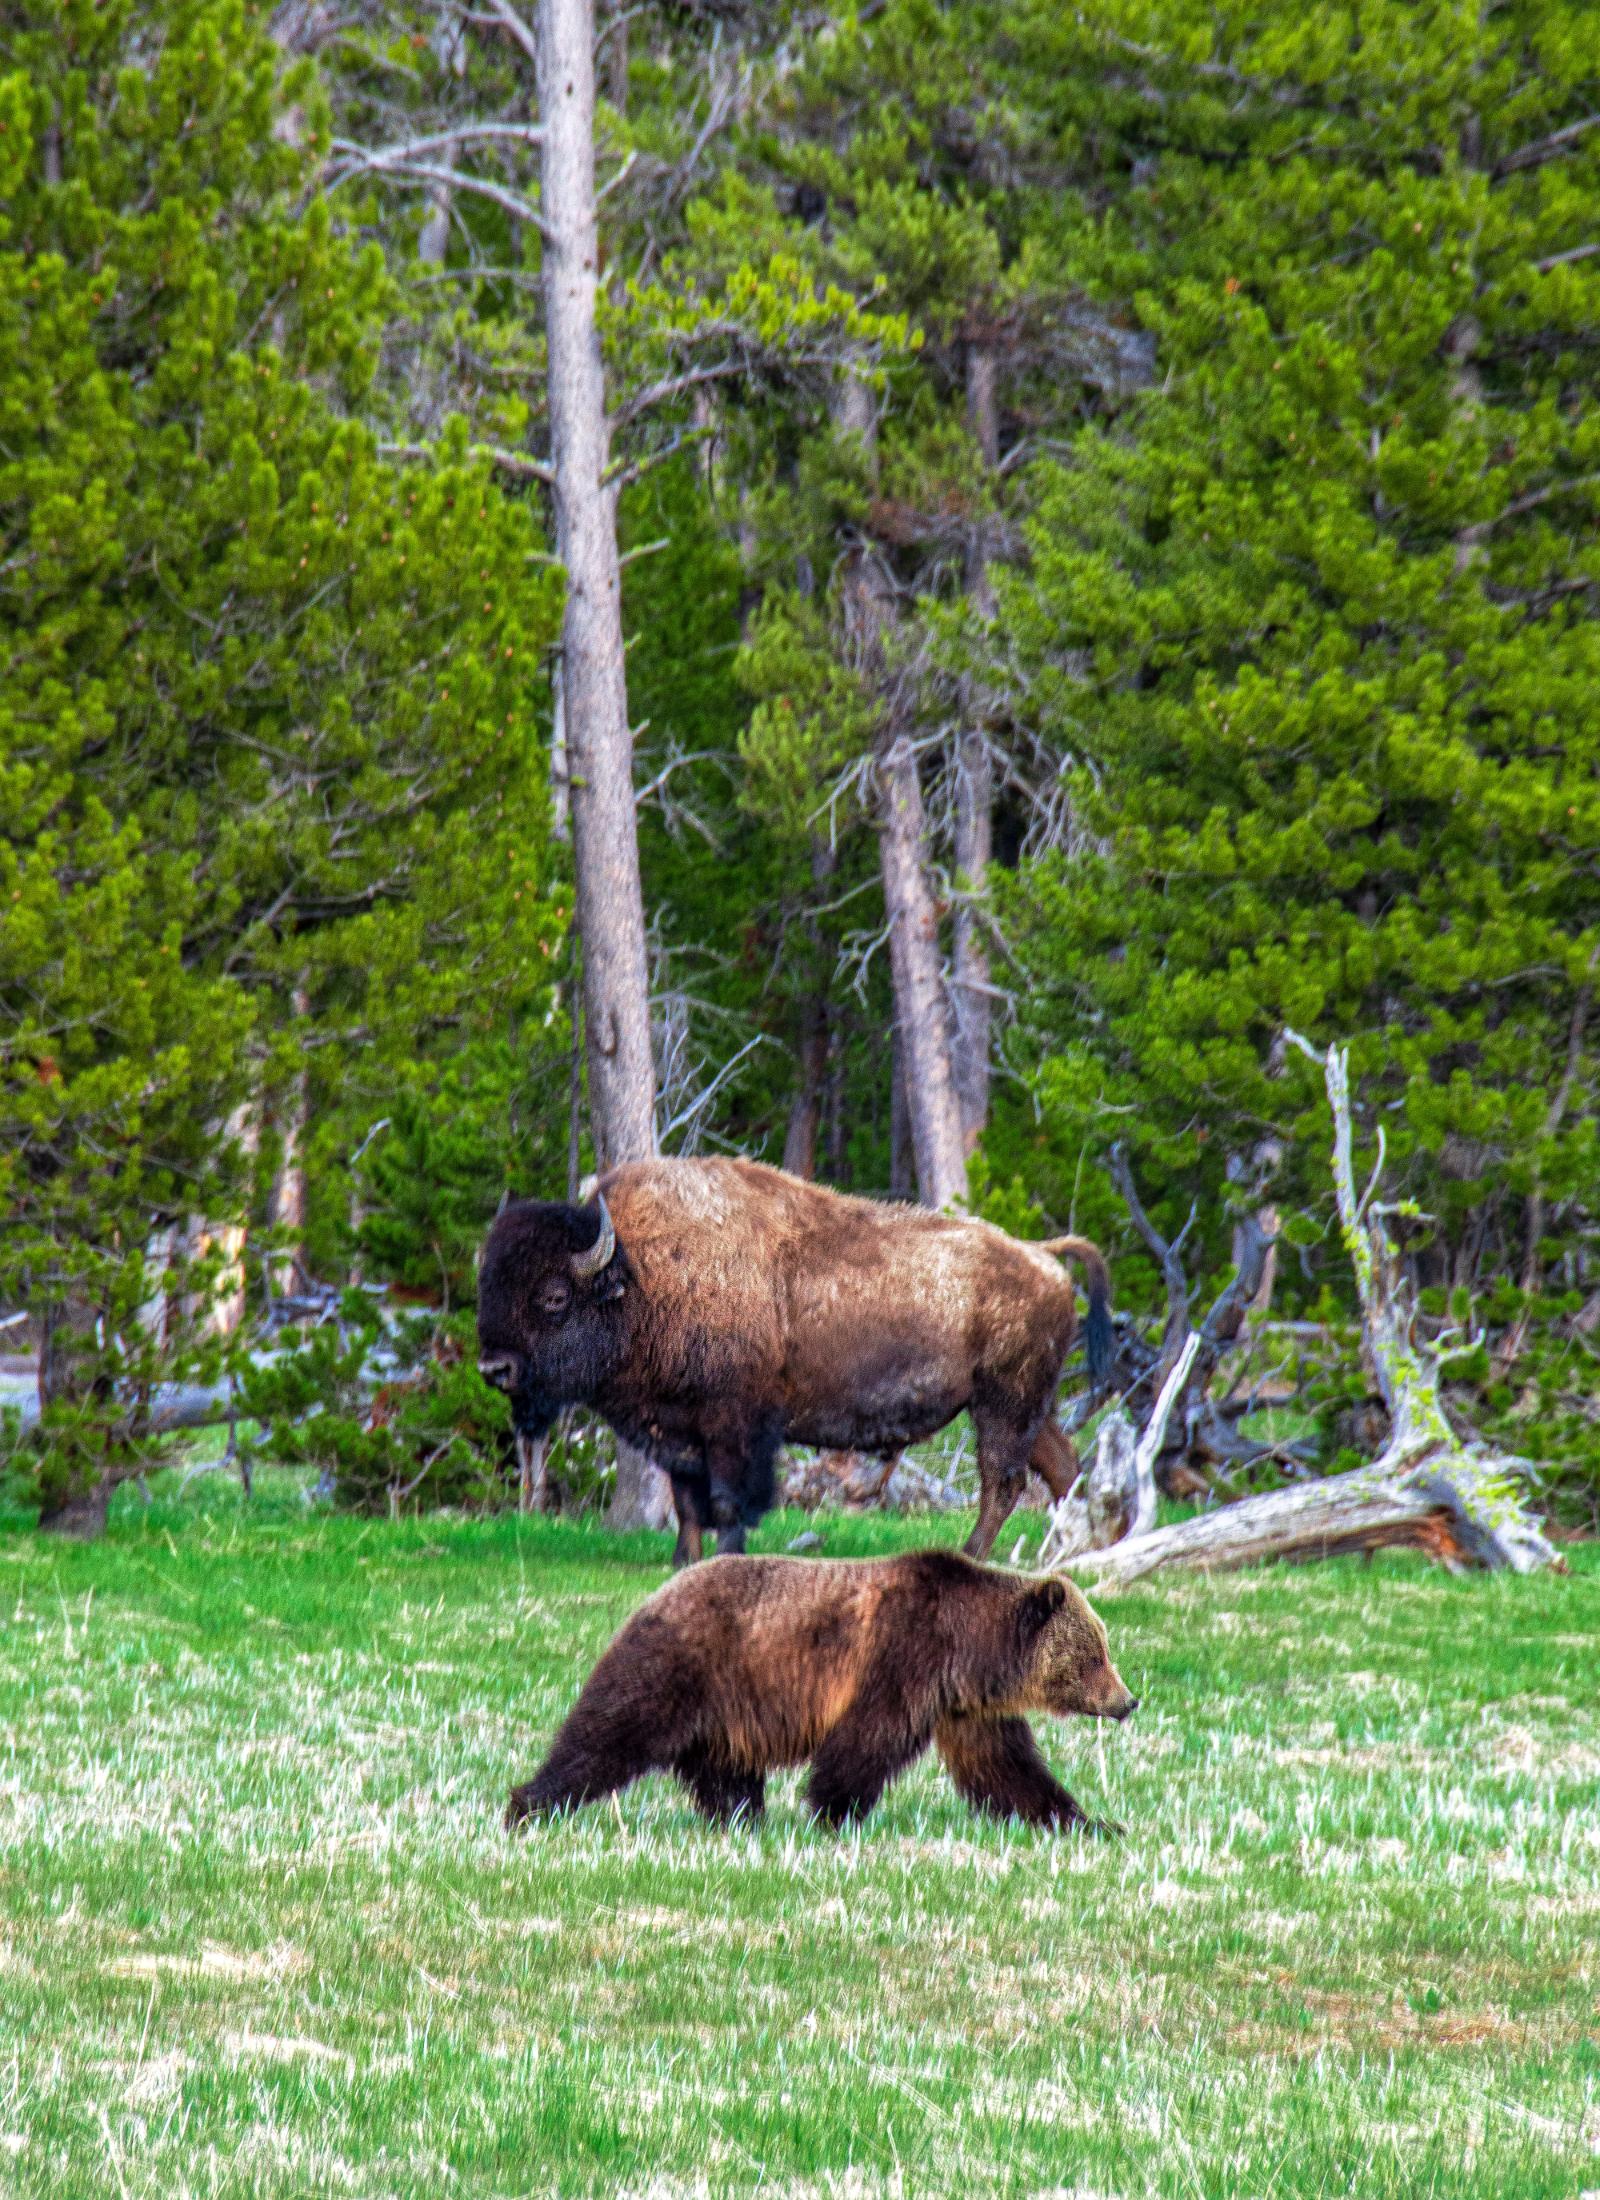 Ein Bison im Vordergrund eines Grizzlybärs die beide auf einer Waldlichtung stehen